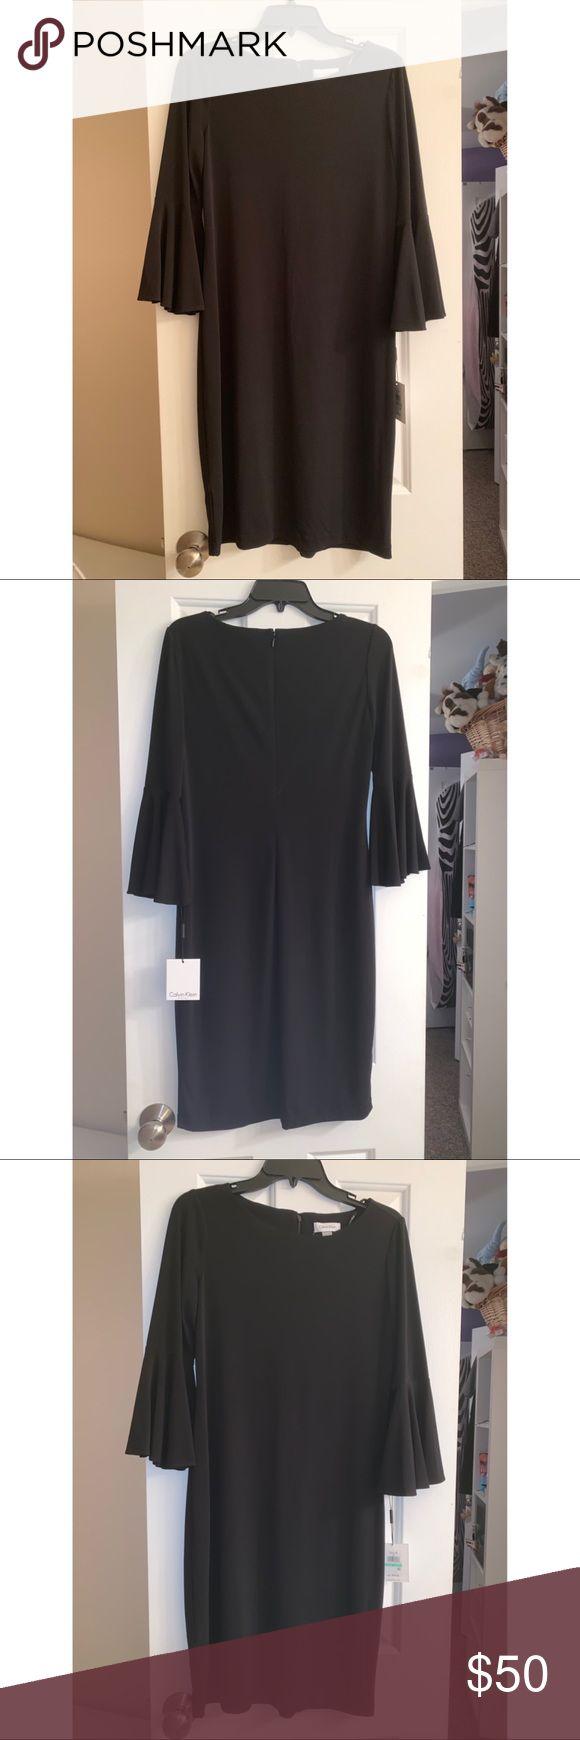 NWT Calvin Klein Black Dress Size 8 cute sleeves NWT 3